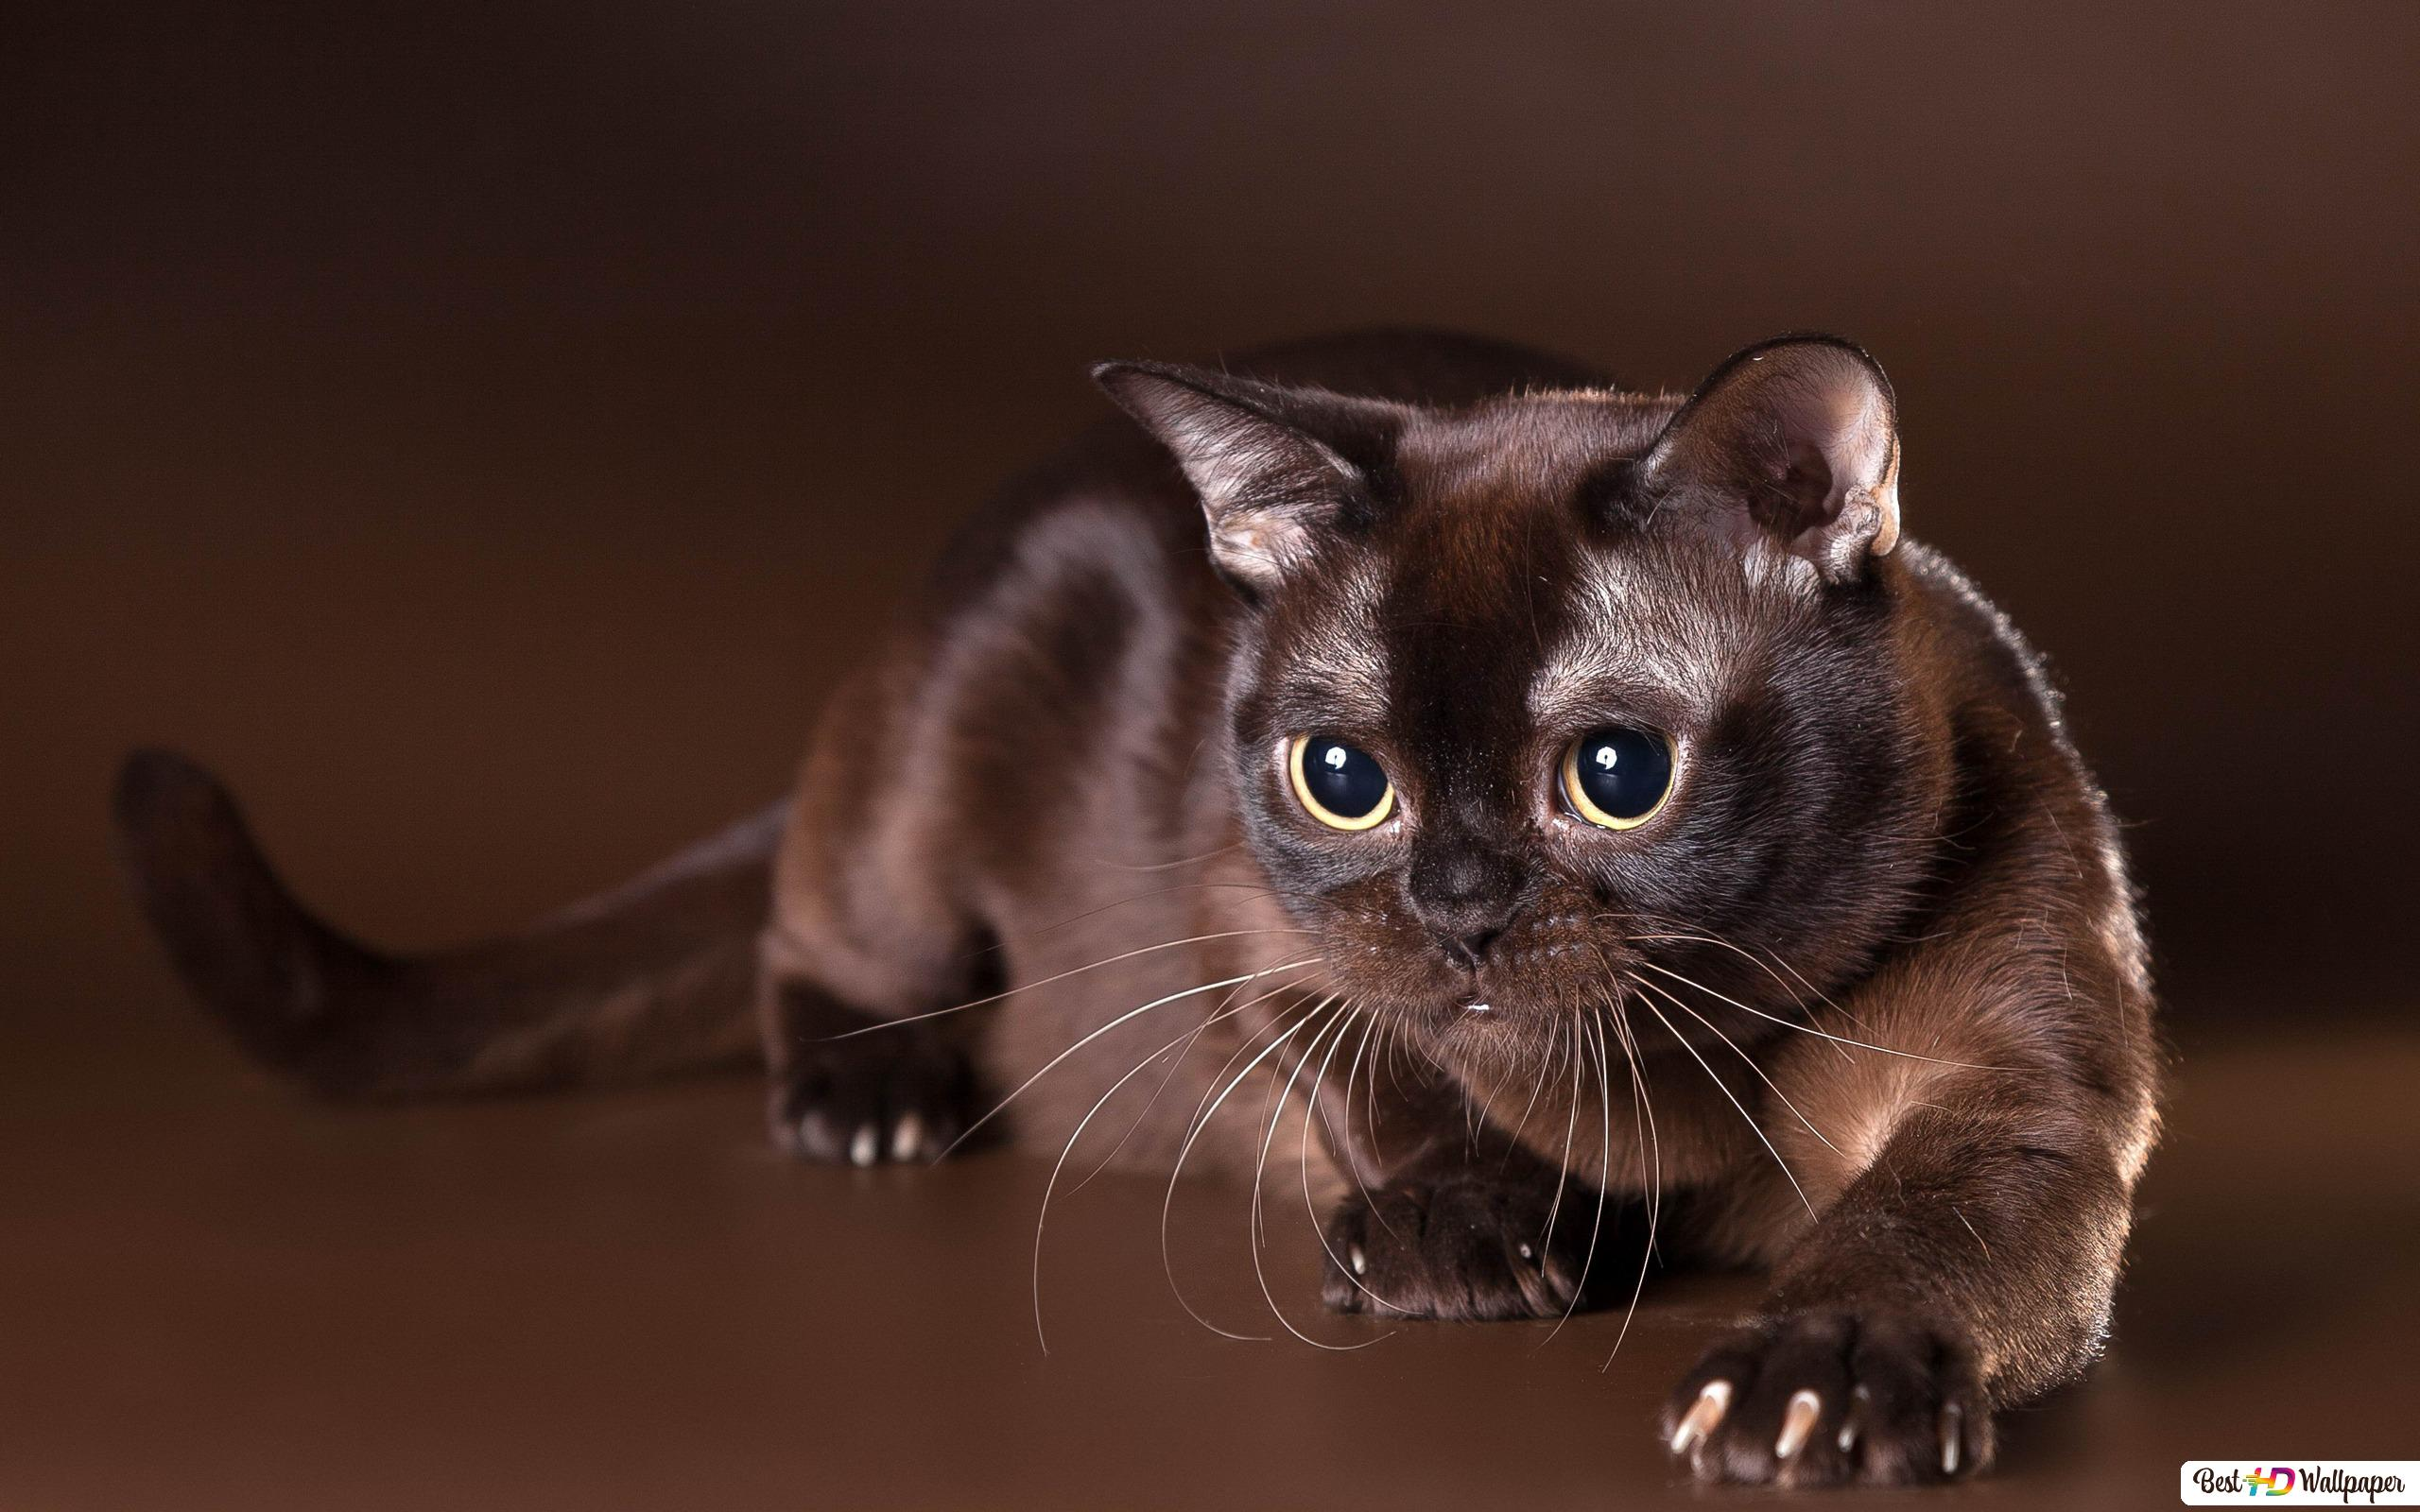 Staring Black Cat Tải xuống hình nền HD